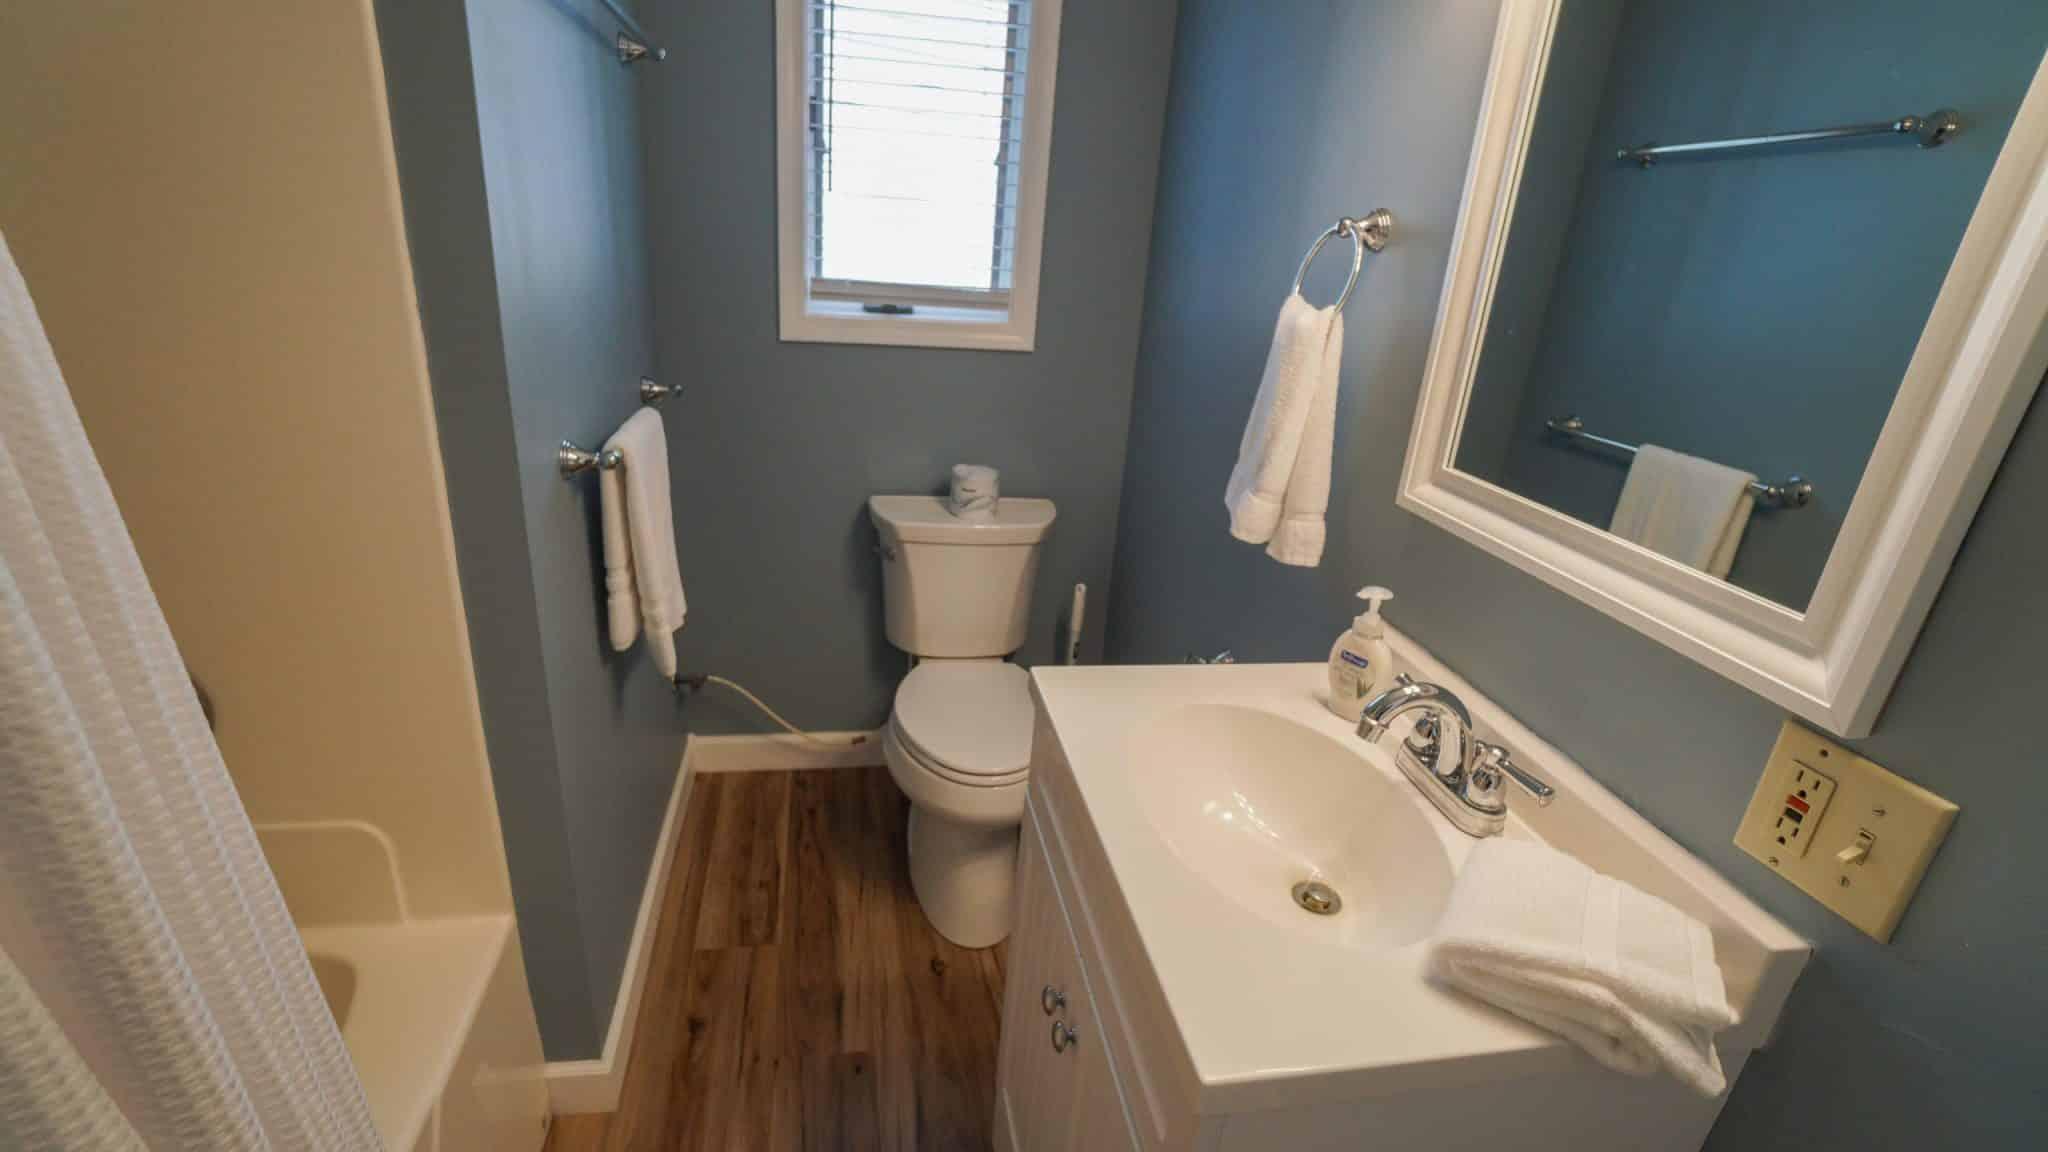 Titus bathroom